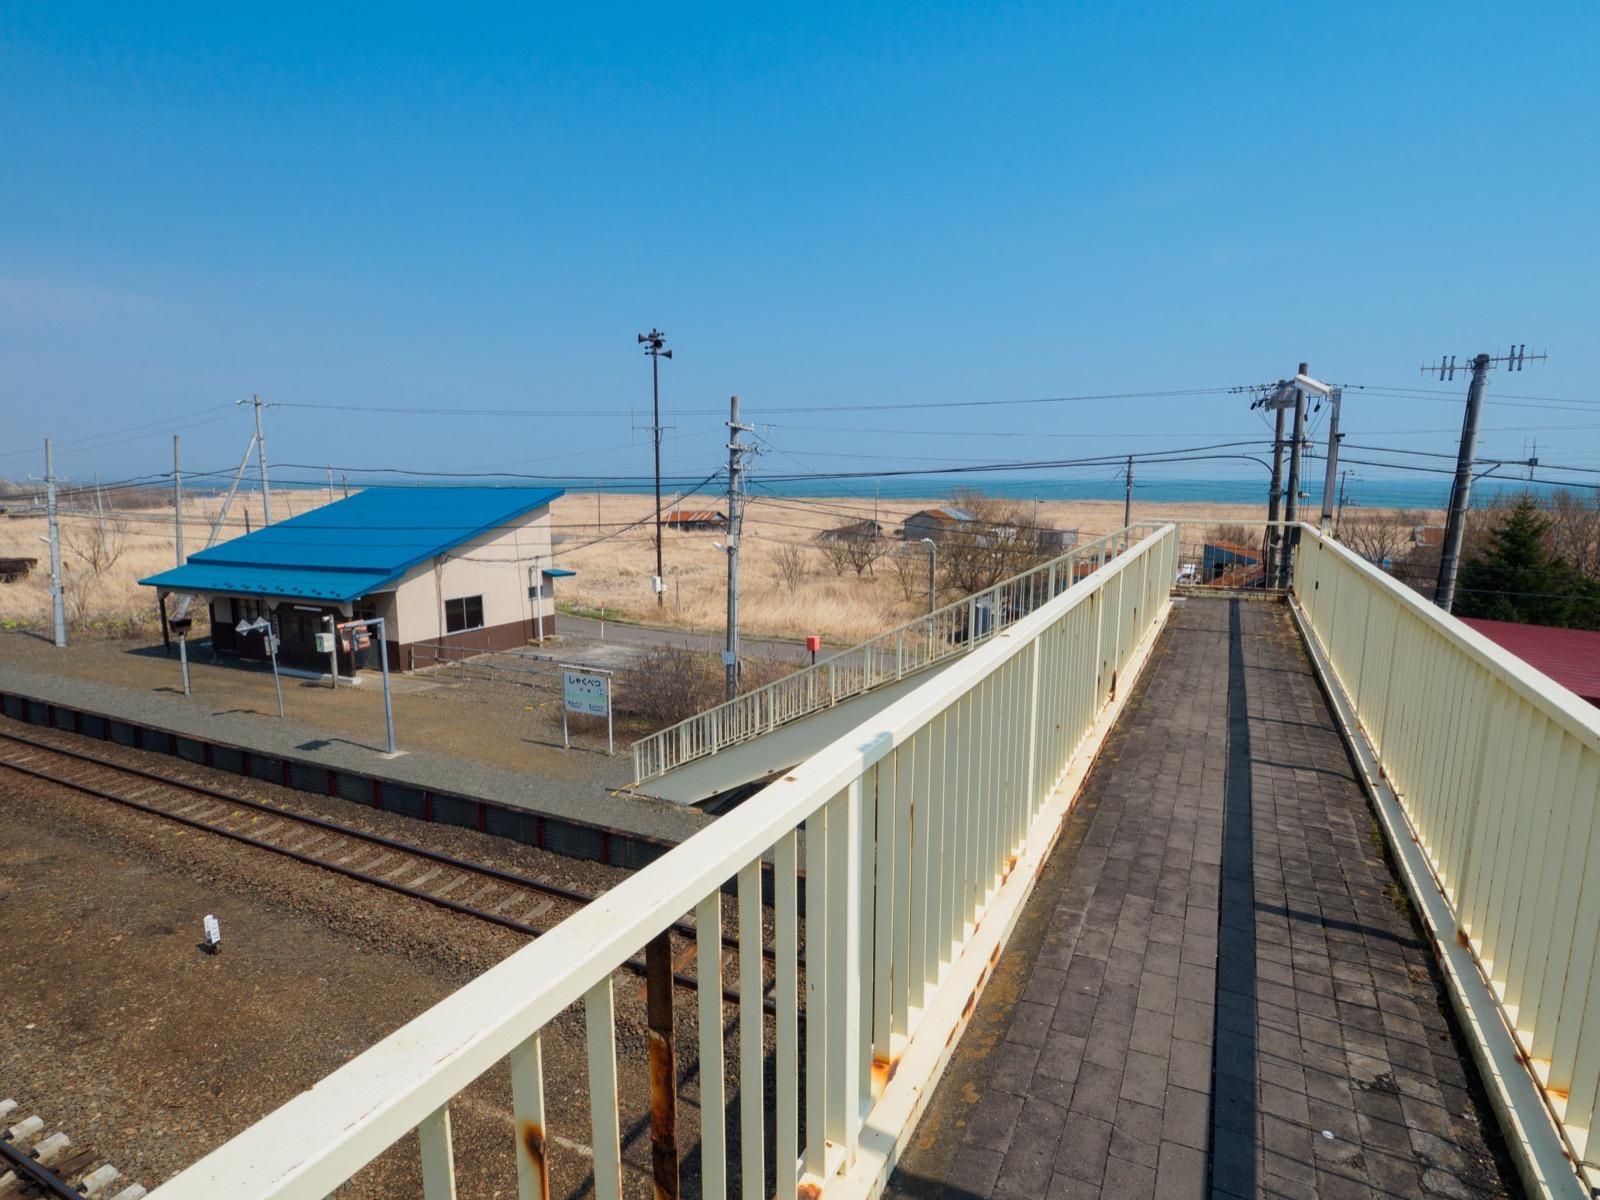 尺別駅の跨線橋から見た太平洋